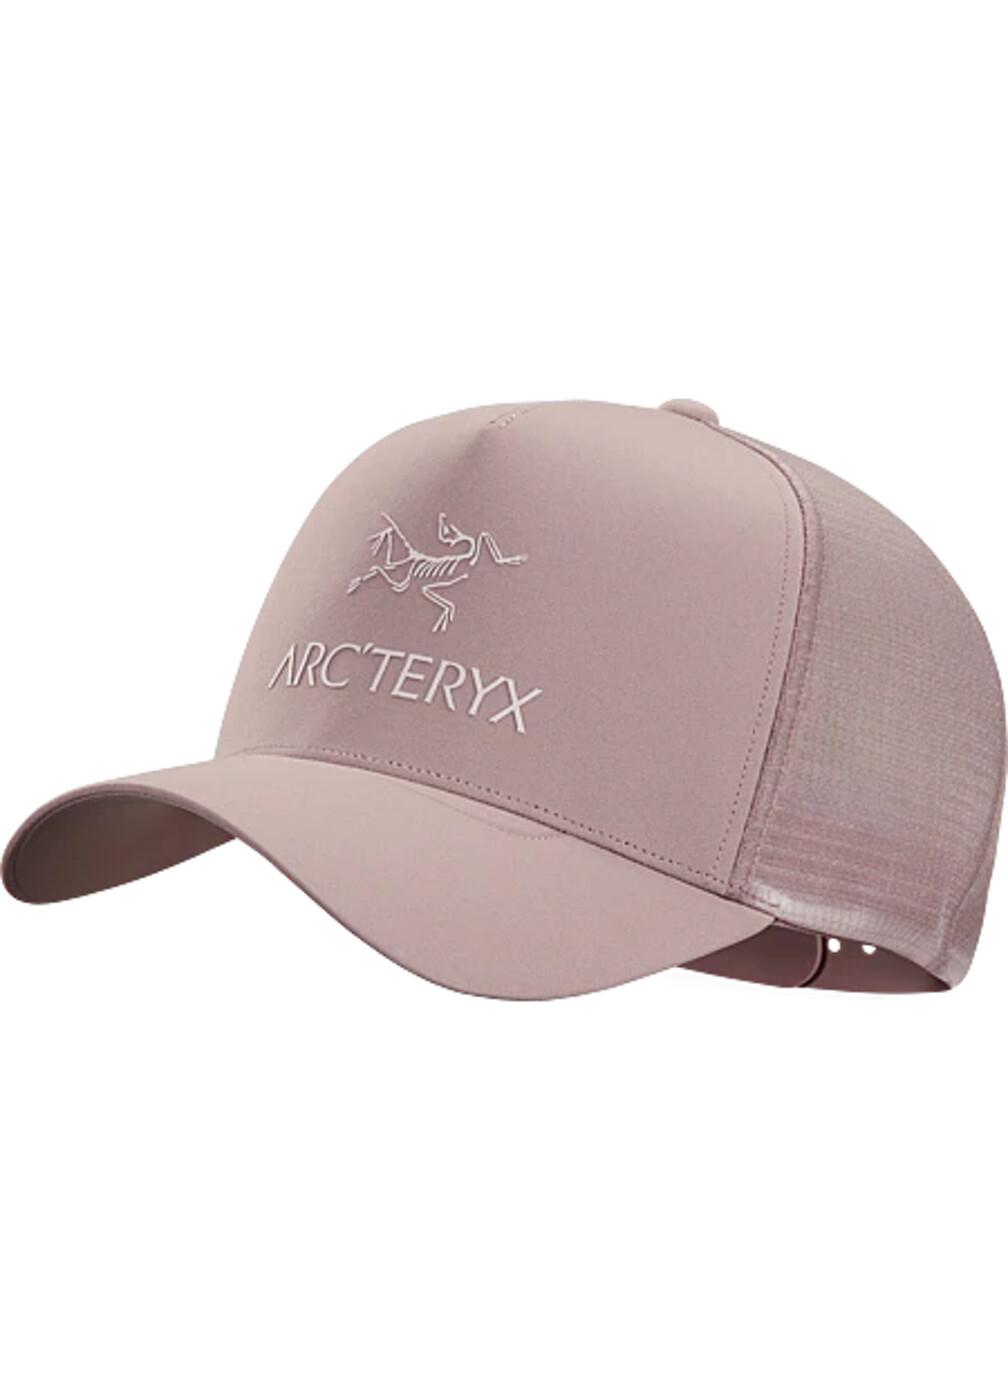 ARCTERYX Logo Trucker Hat - Herren